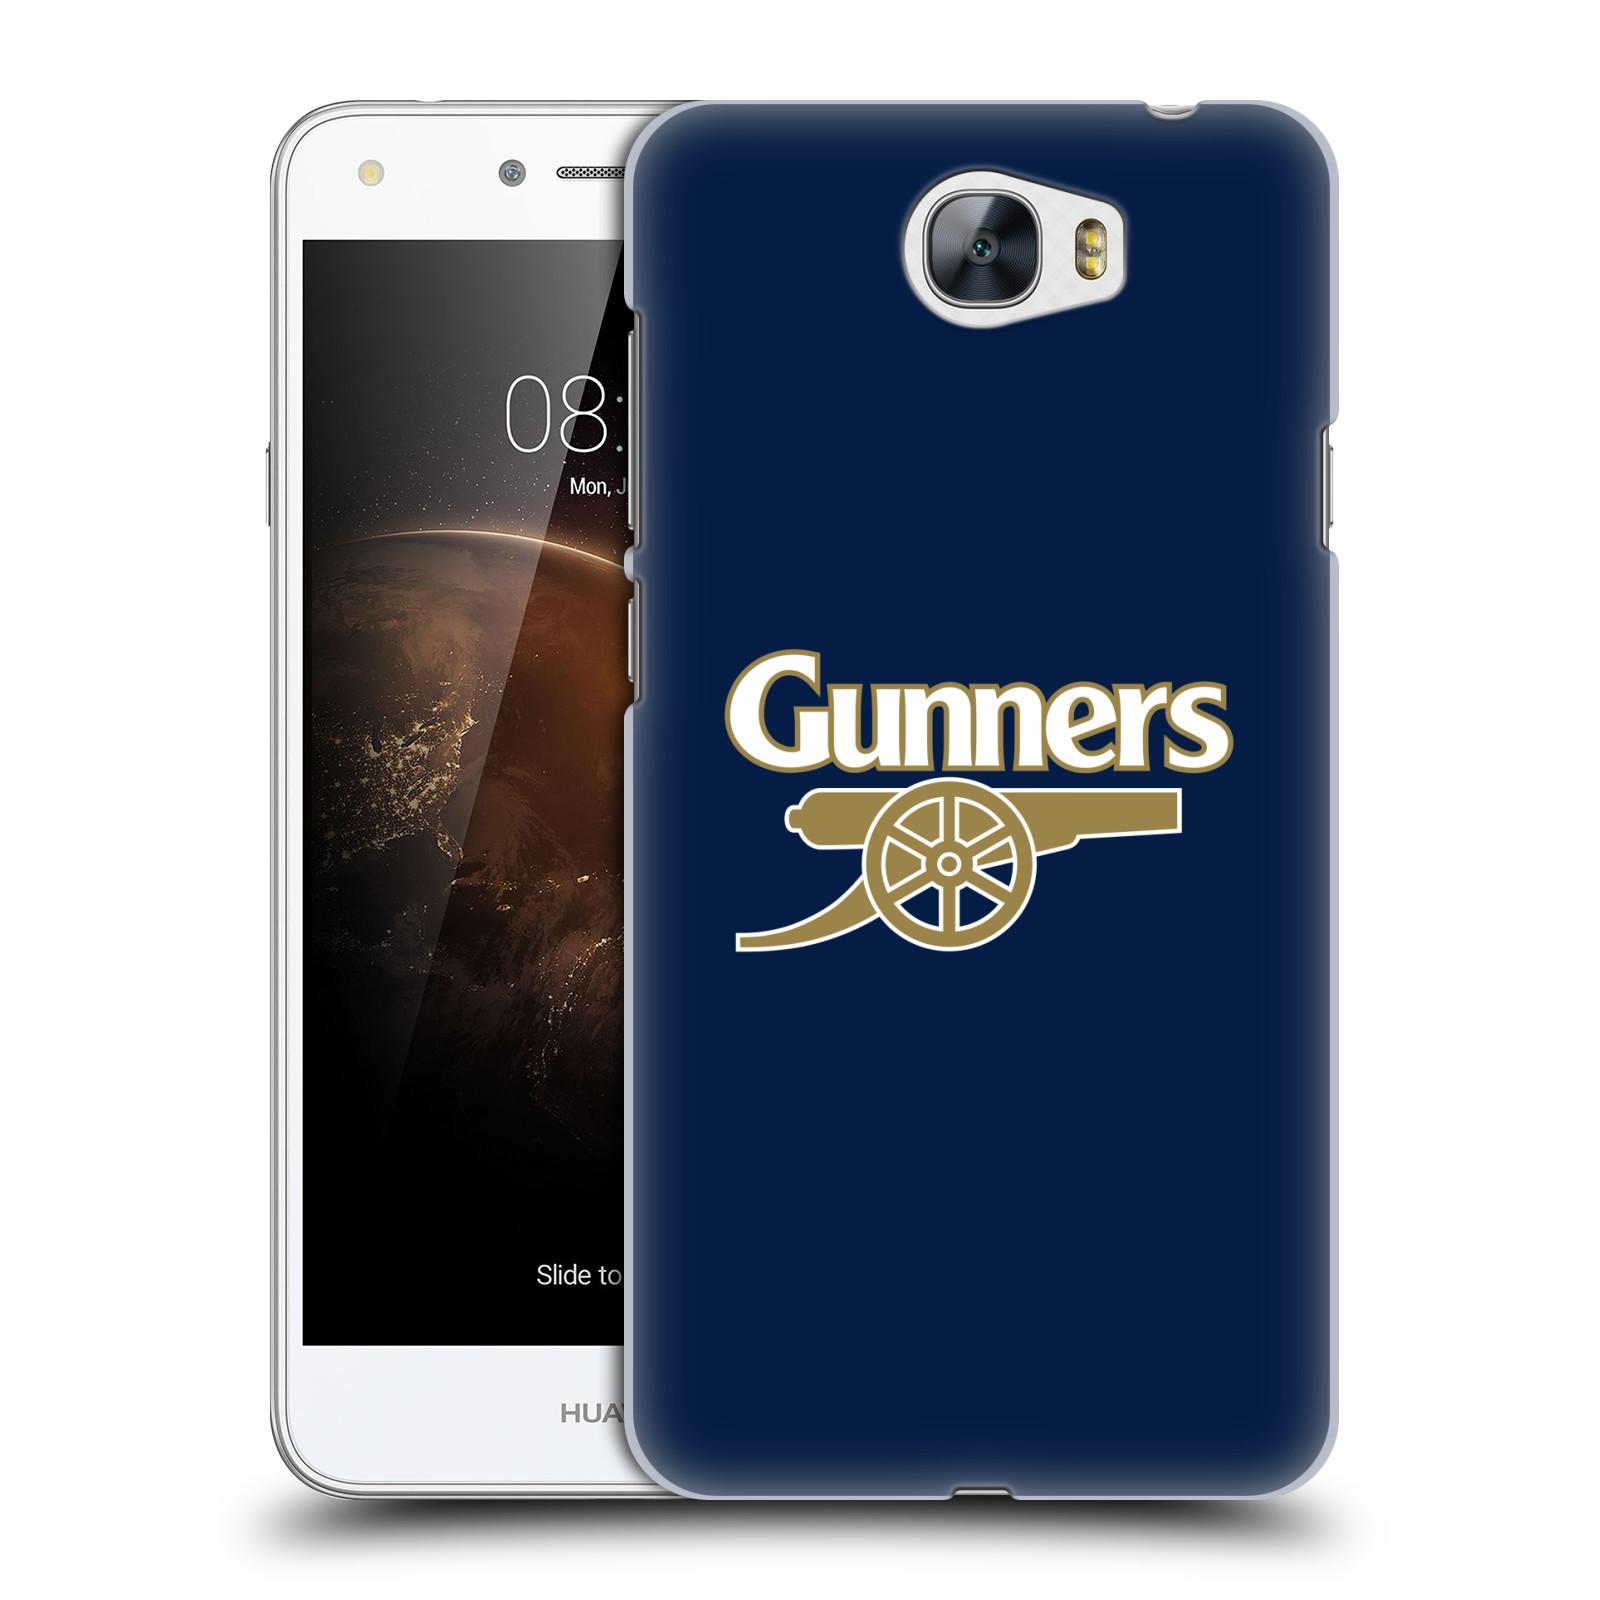 Plastové pouzdro na mobil Huawei Y5 II - Head Case - Arsenal FC - Gunners